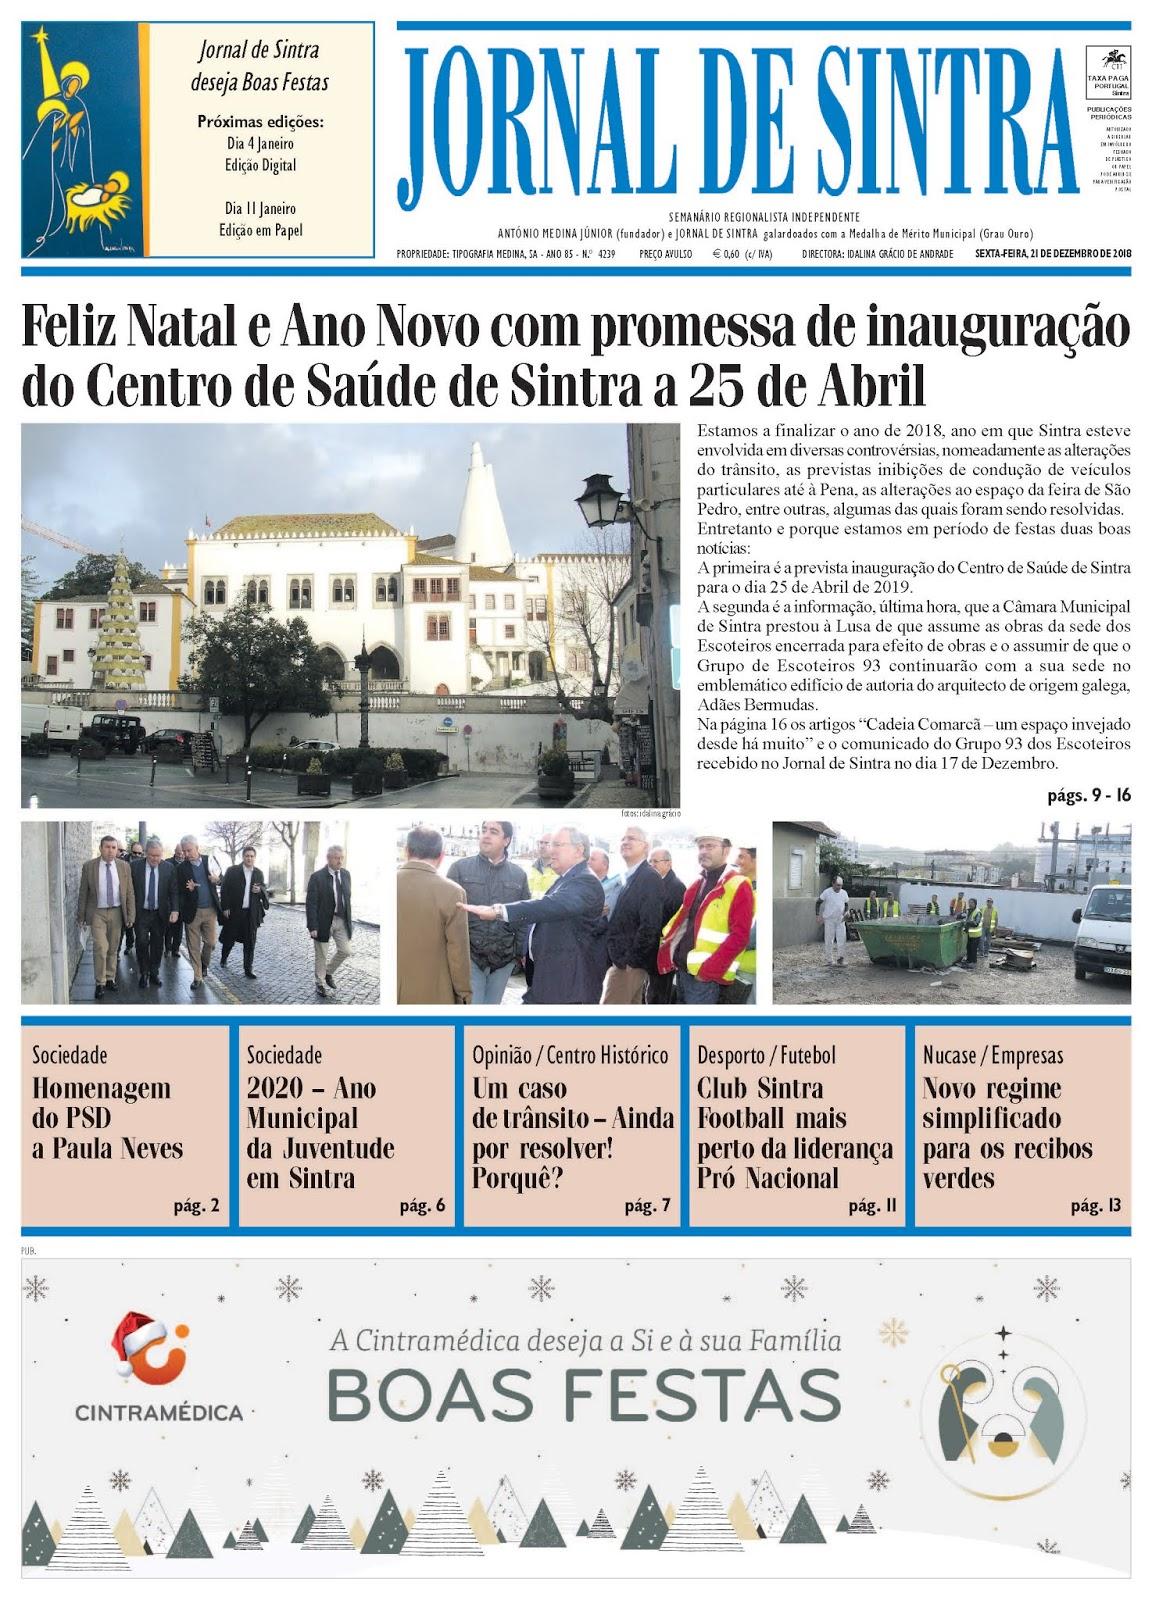 Capa da edição de 21/12/2018